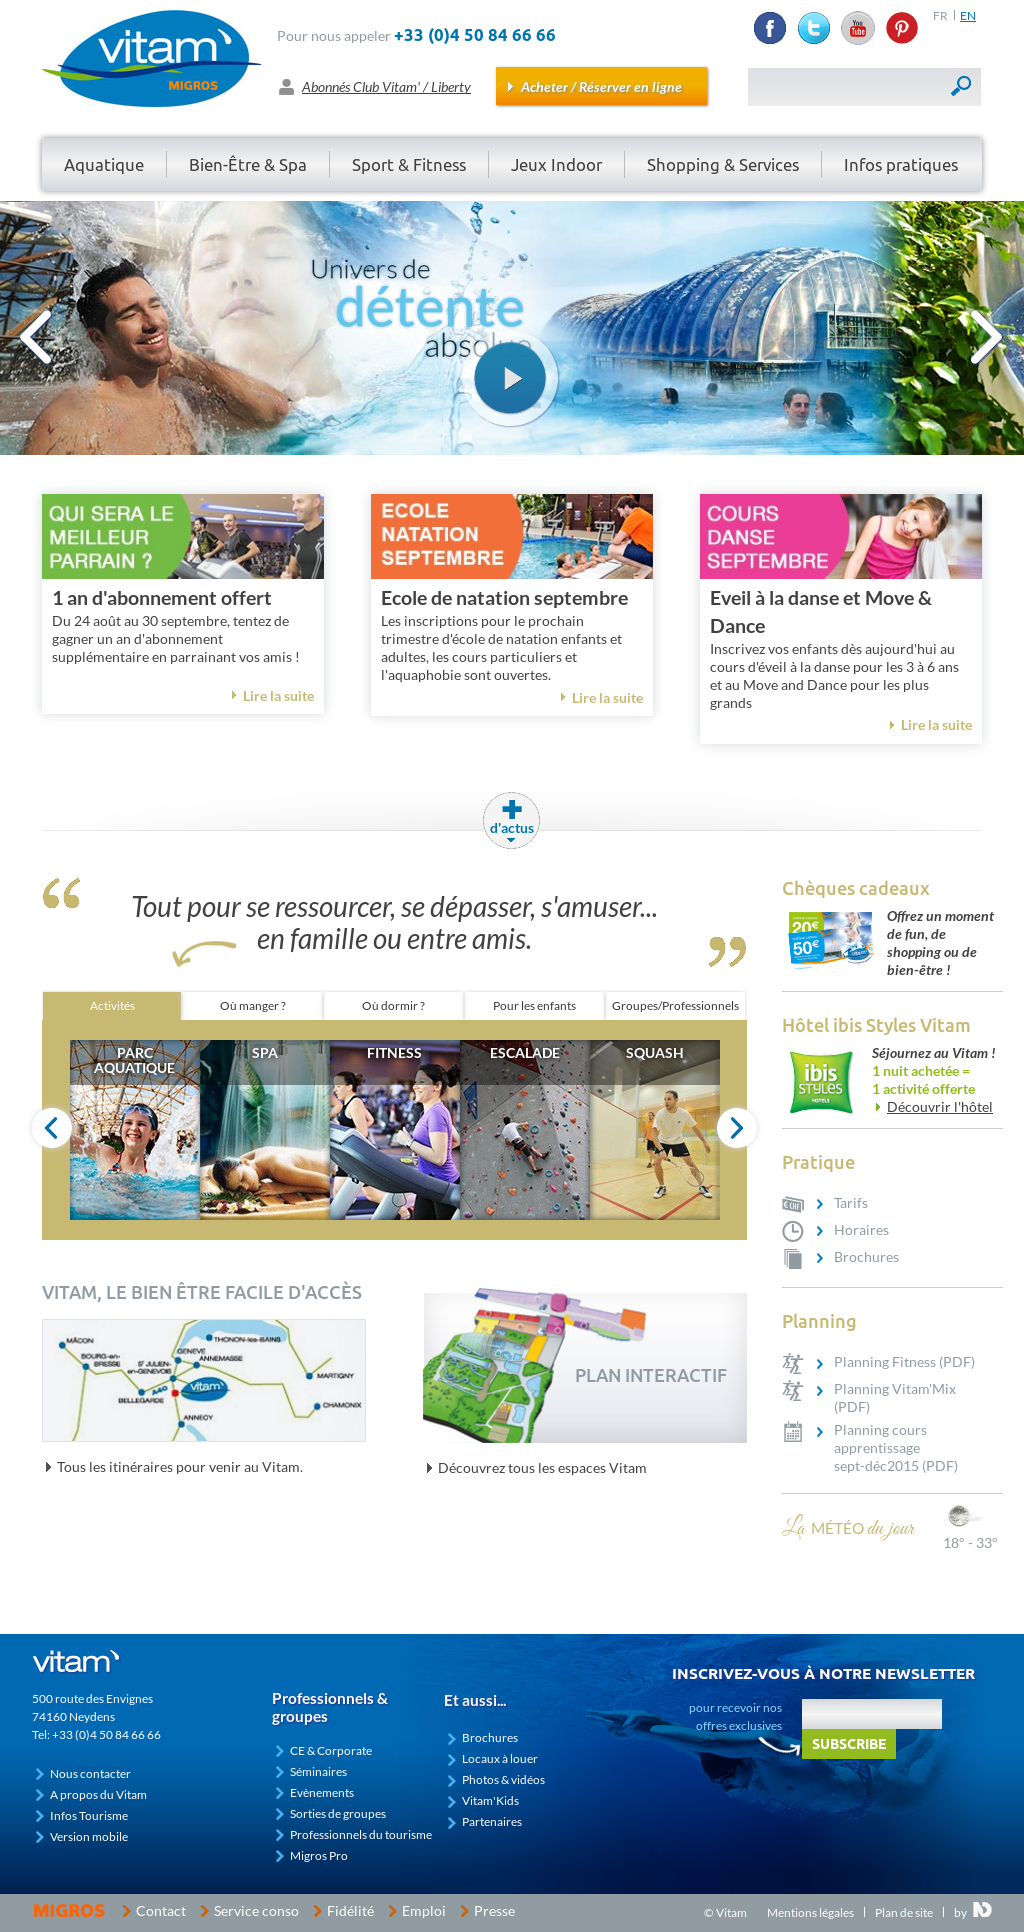 Vitam Parc Abonnement vitam competitors, revenue and employees - owler company profile